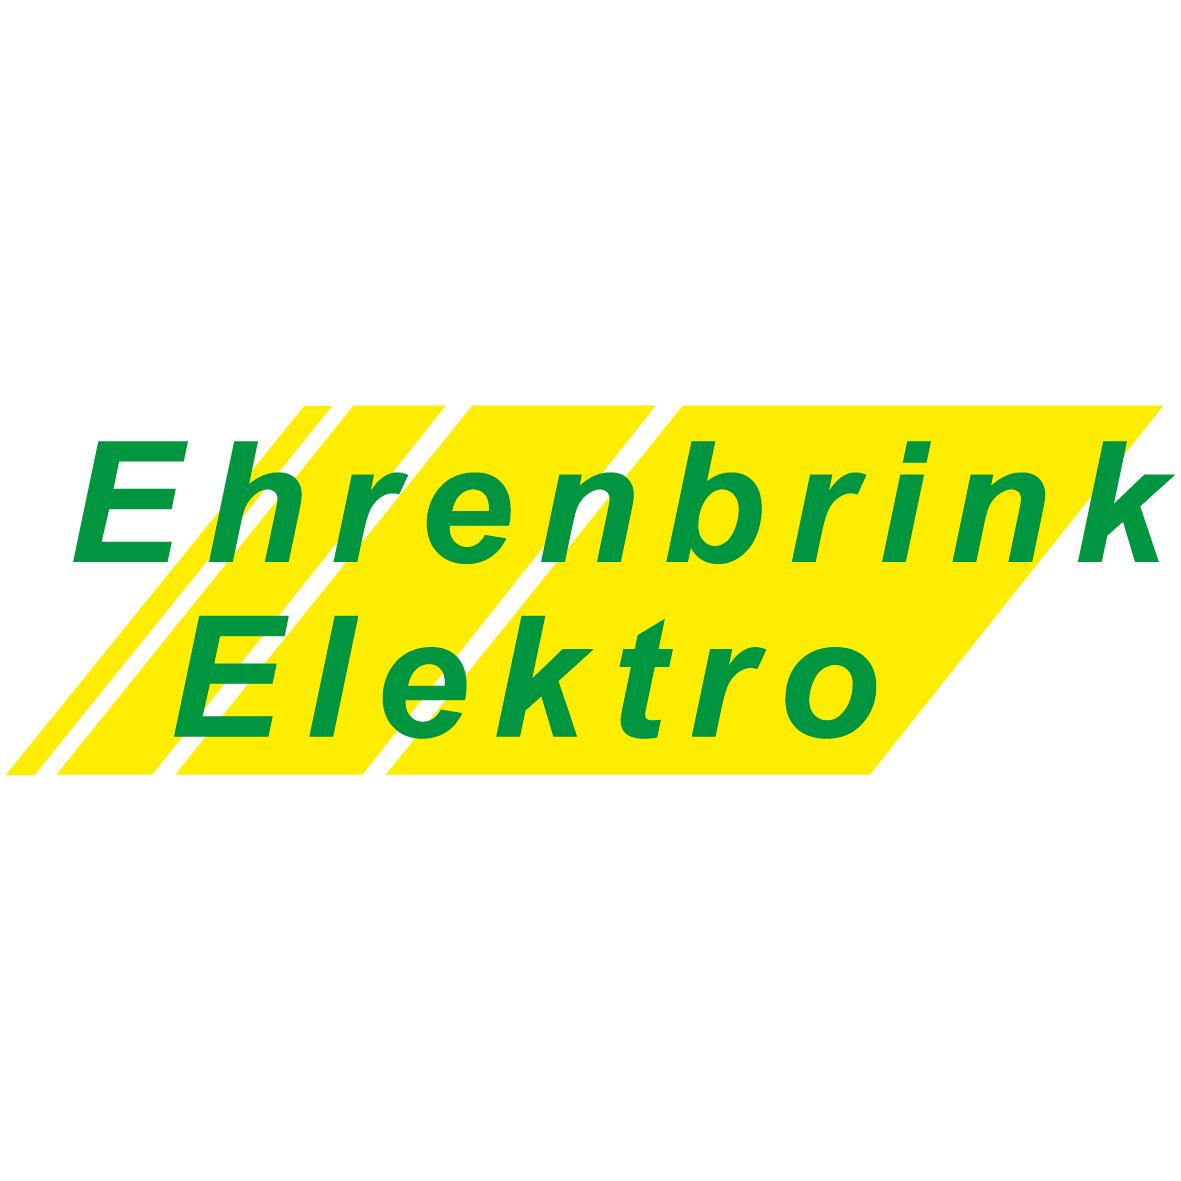 Bild zu Ehrenbrink Elektro in Hagen am Teutoburger Wald